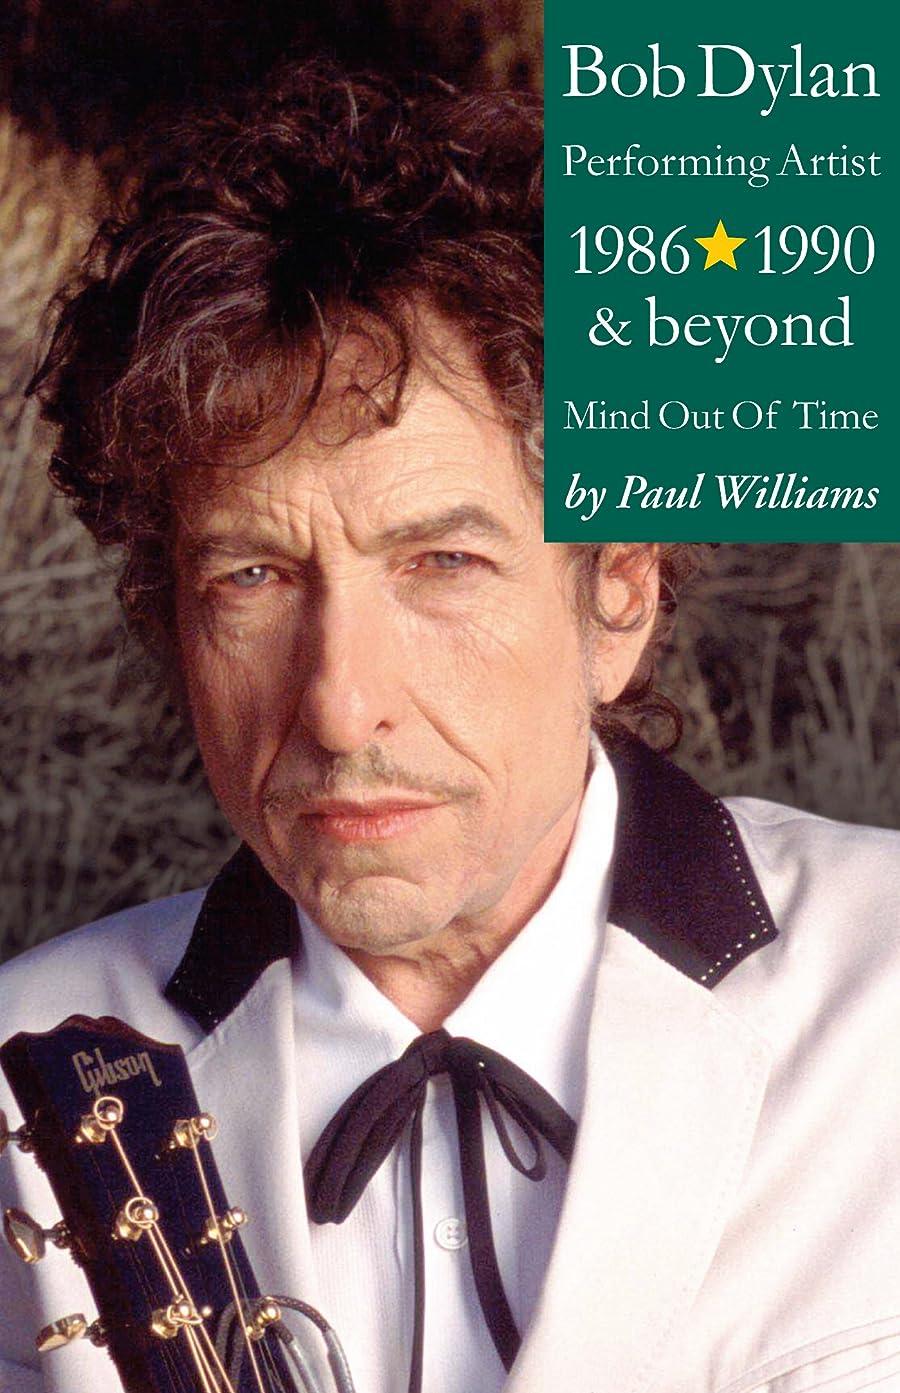 破滅的な銃送信するBob Dylan: Performance Artist 1986-1990 And Beyond (Mind Out Of Time): Mind Out of Time - The Accidental Art of a Performing Artist, 1986-1990 and Beyond (English Edition)